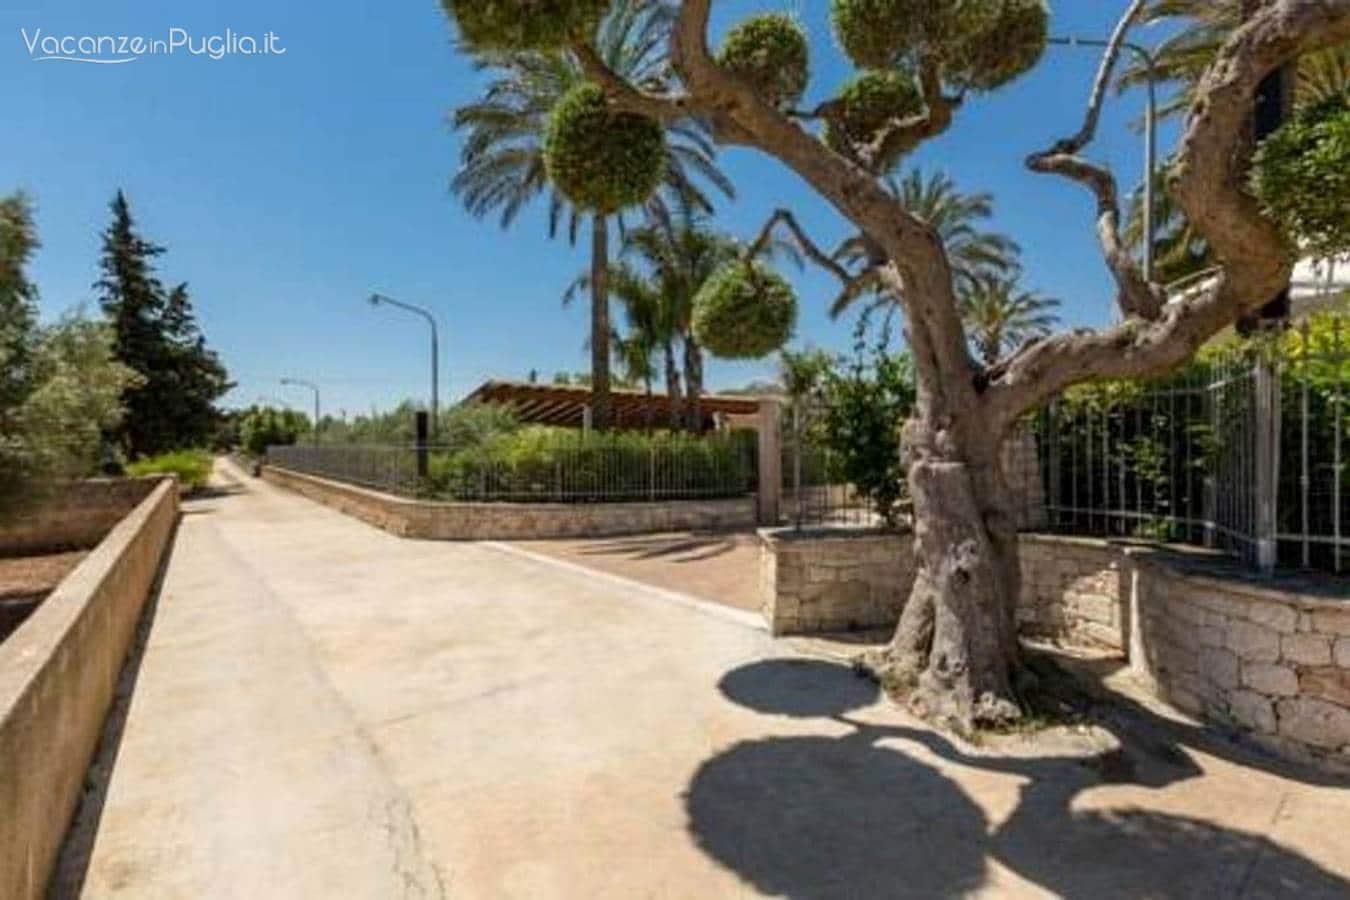 Palme Da Vaso Per Esterno il giardino delle palme - vacanze in puglia